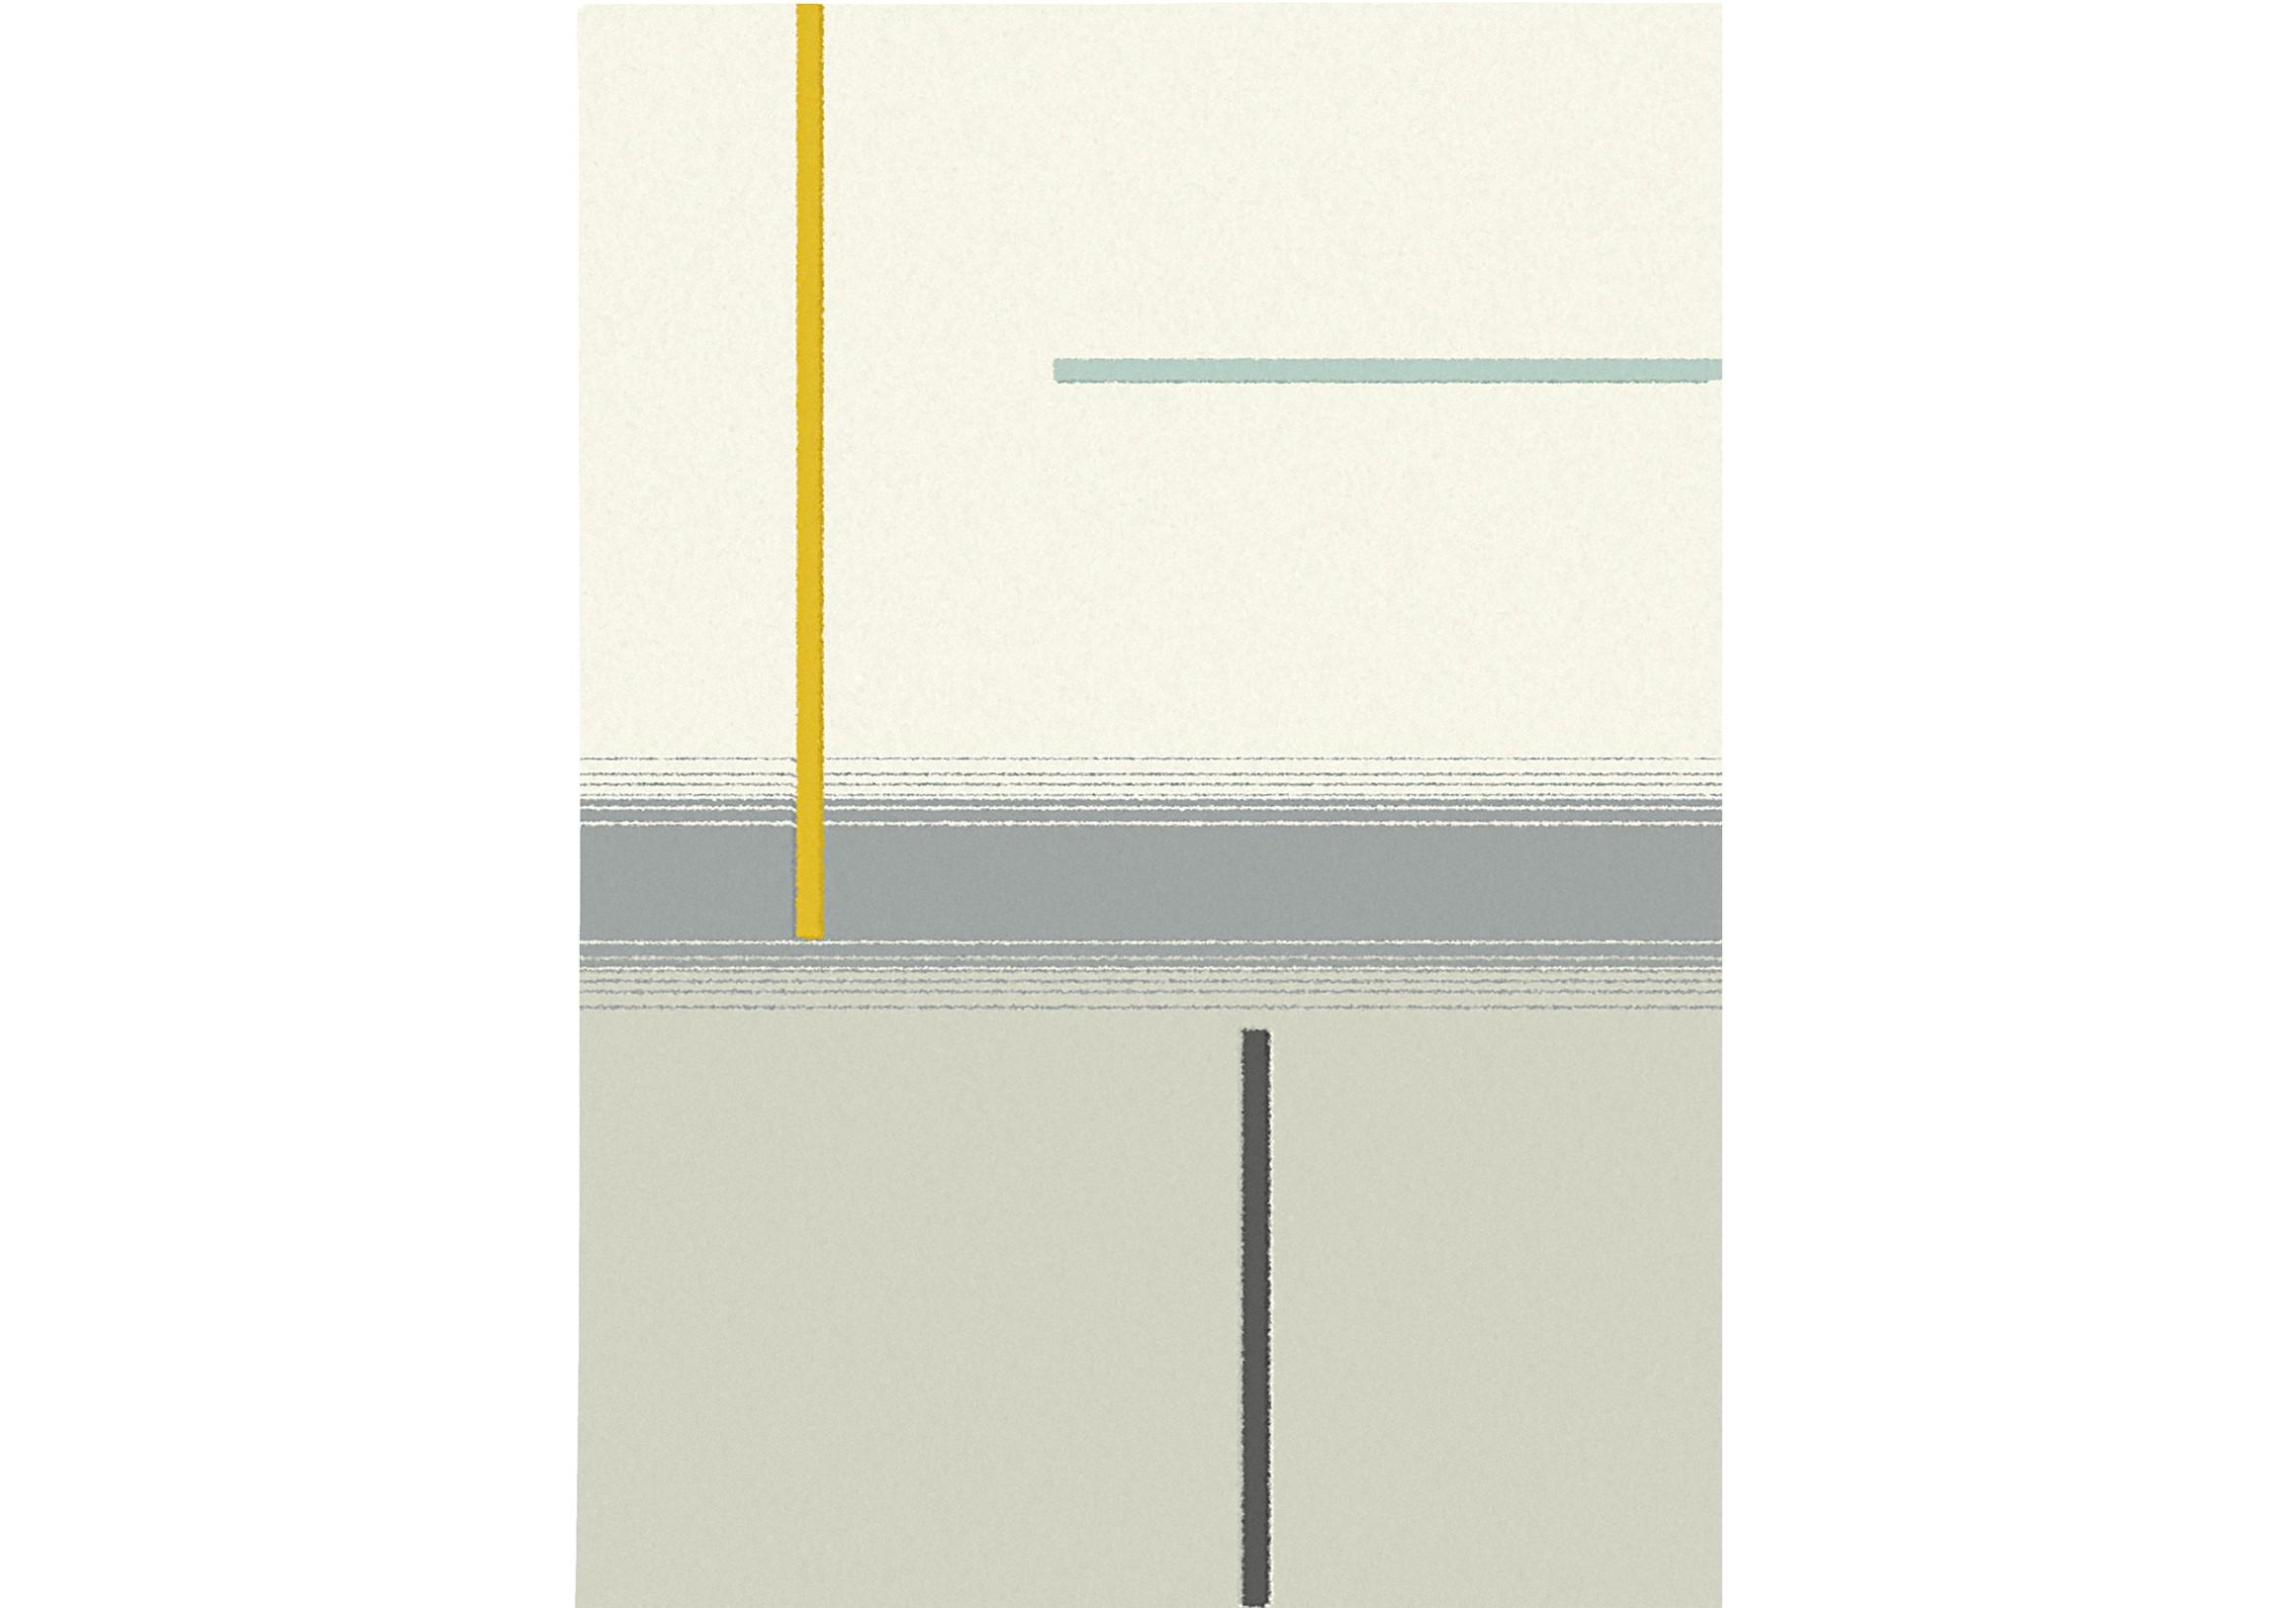 Ковер Spring 230х160Прямоугольные ковры<br>Материал: 100% Полипропилен.<br><br>Material: Текстиль<br>Ширина см: 230<br>Глубина см: 160